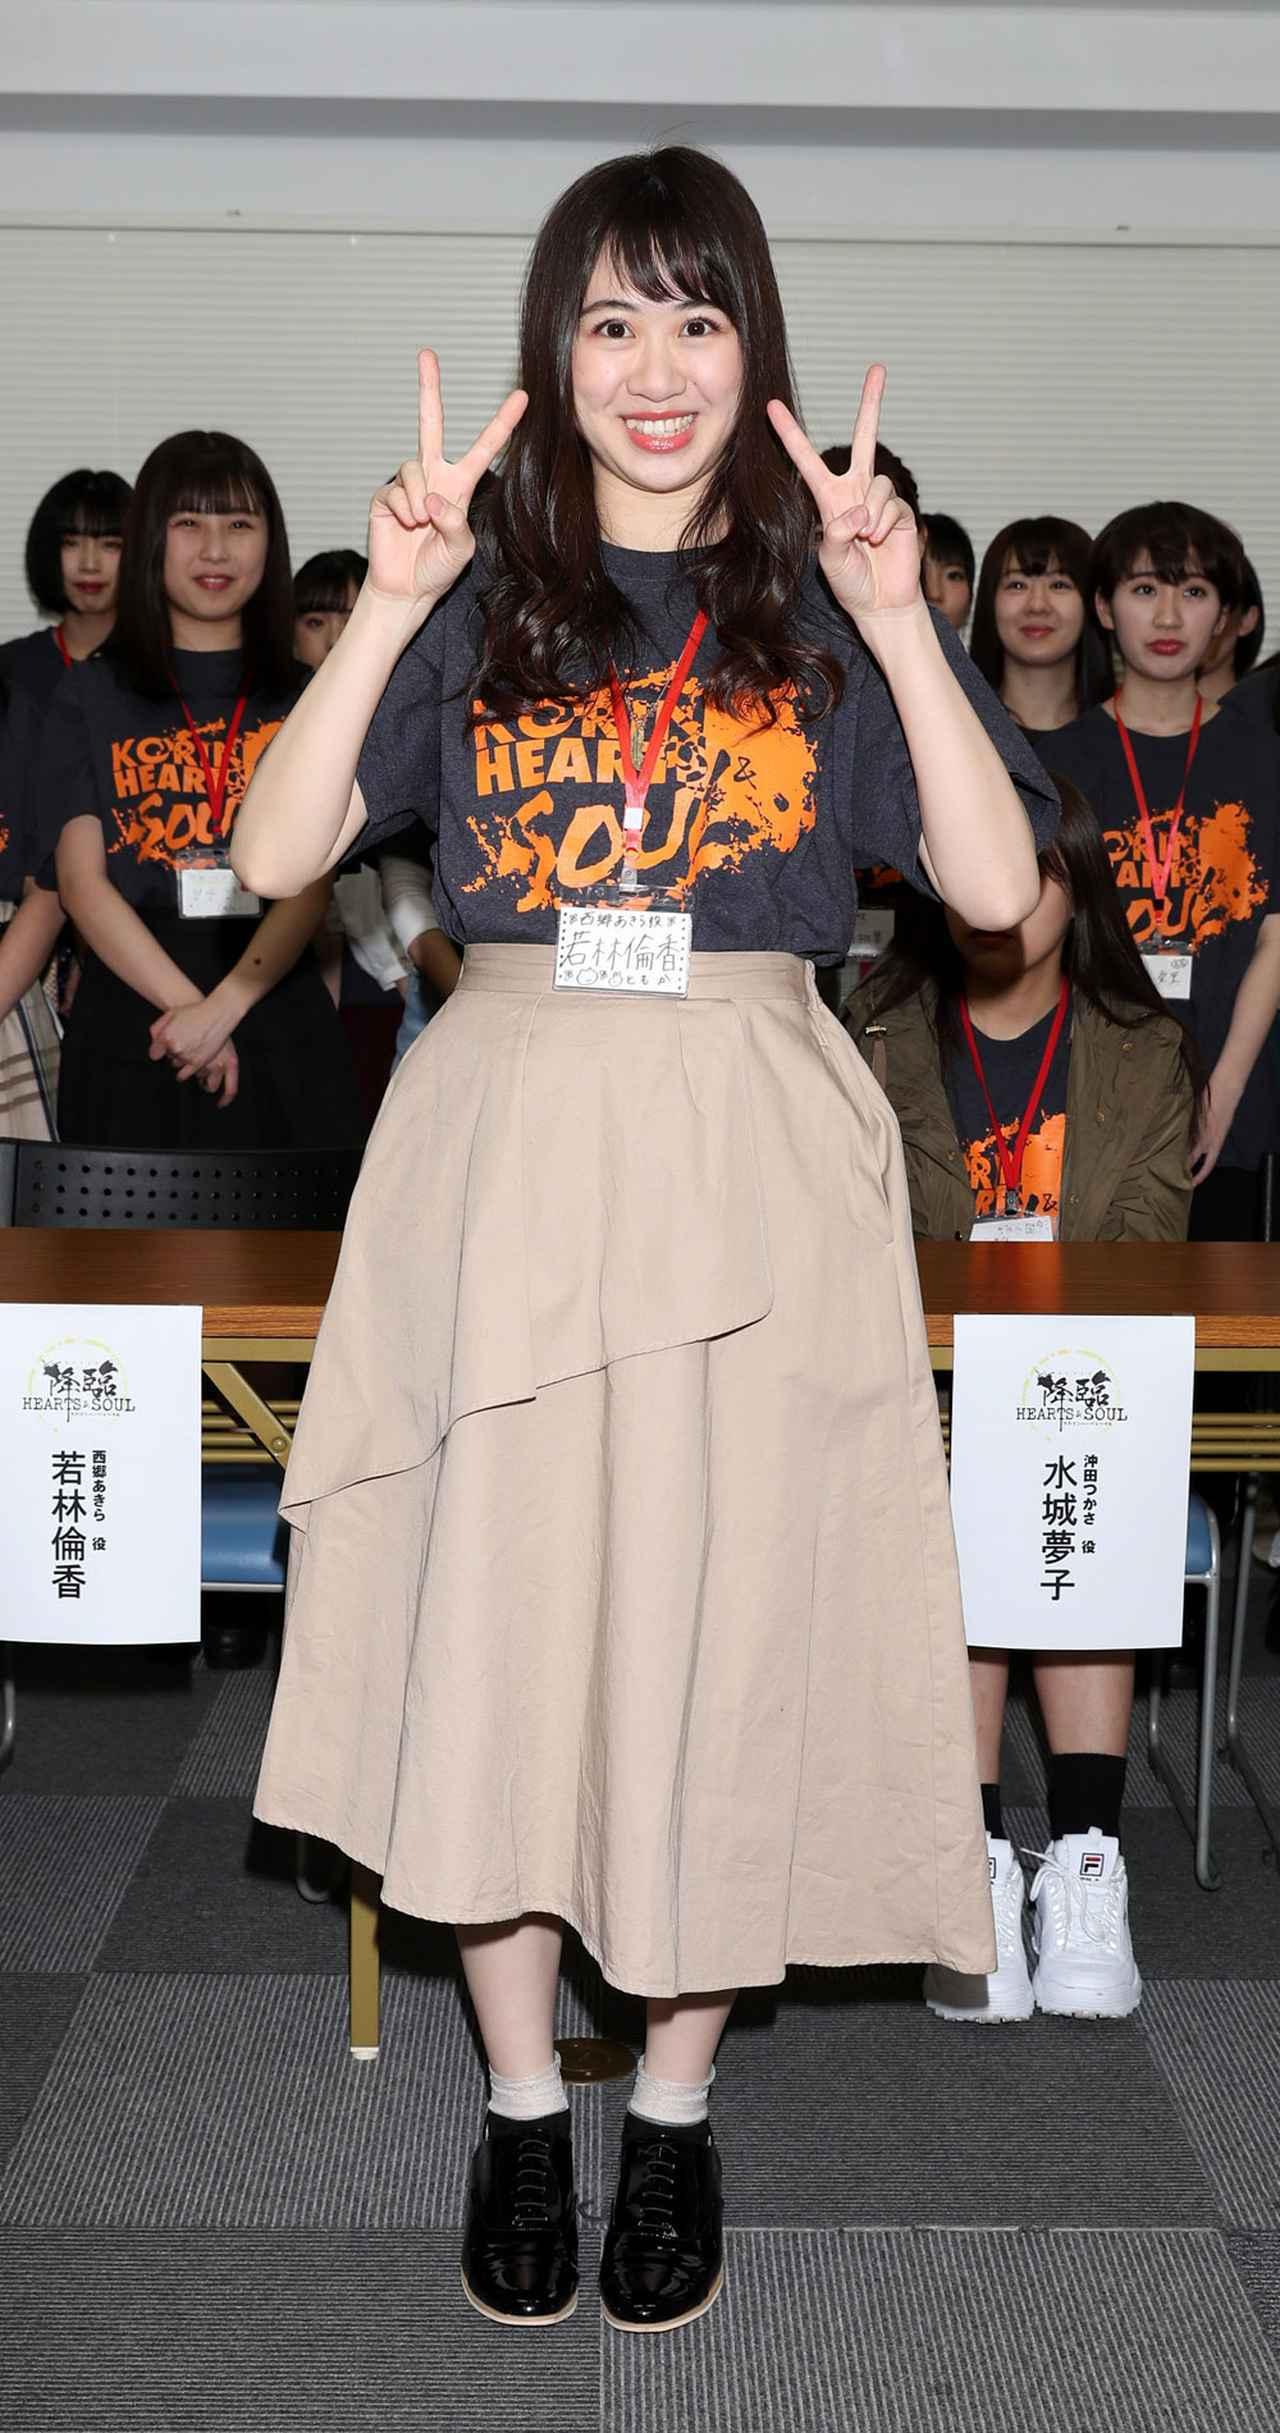 画像2: 若林倫香、水城夢子/アリスインプロジェクト最新舞台「降臨HEARTS&SOUL」、新たな演出を施して4/25よりアクションたっぷりに上演!